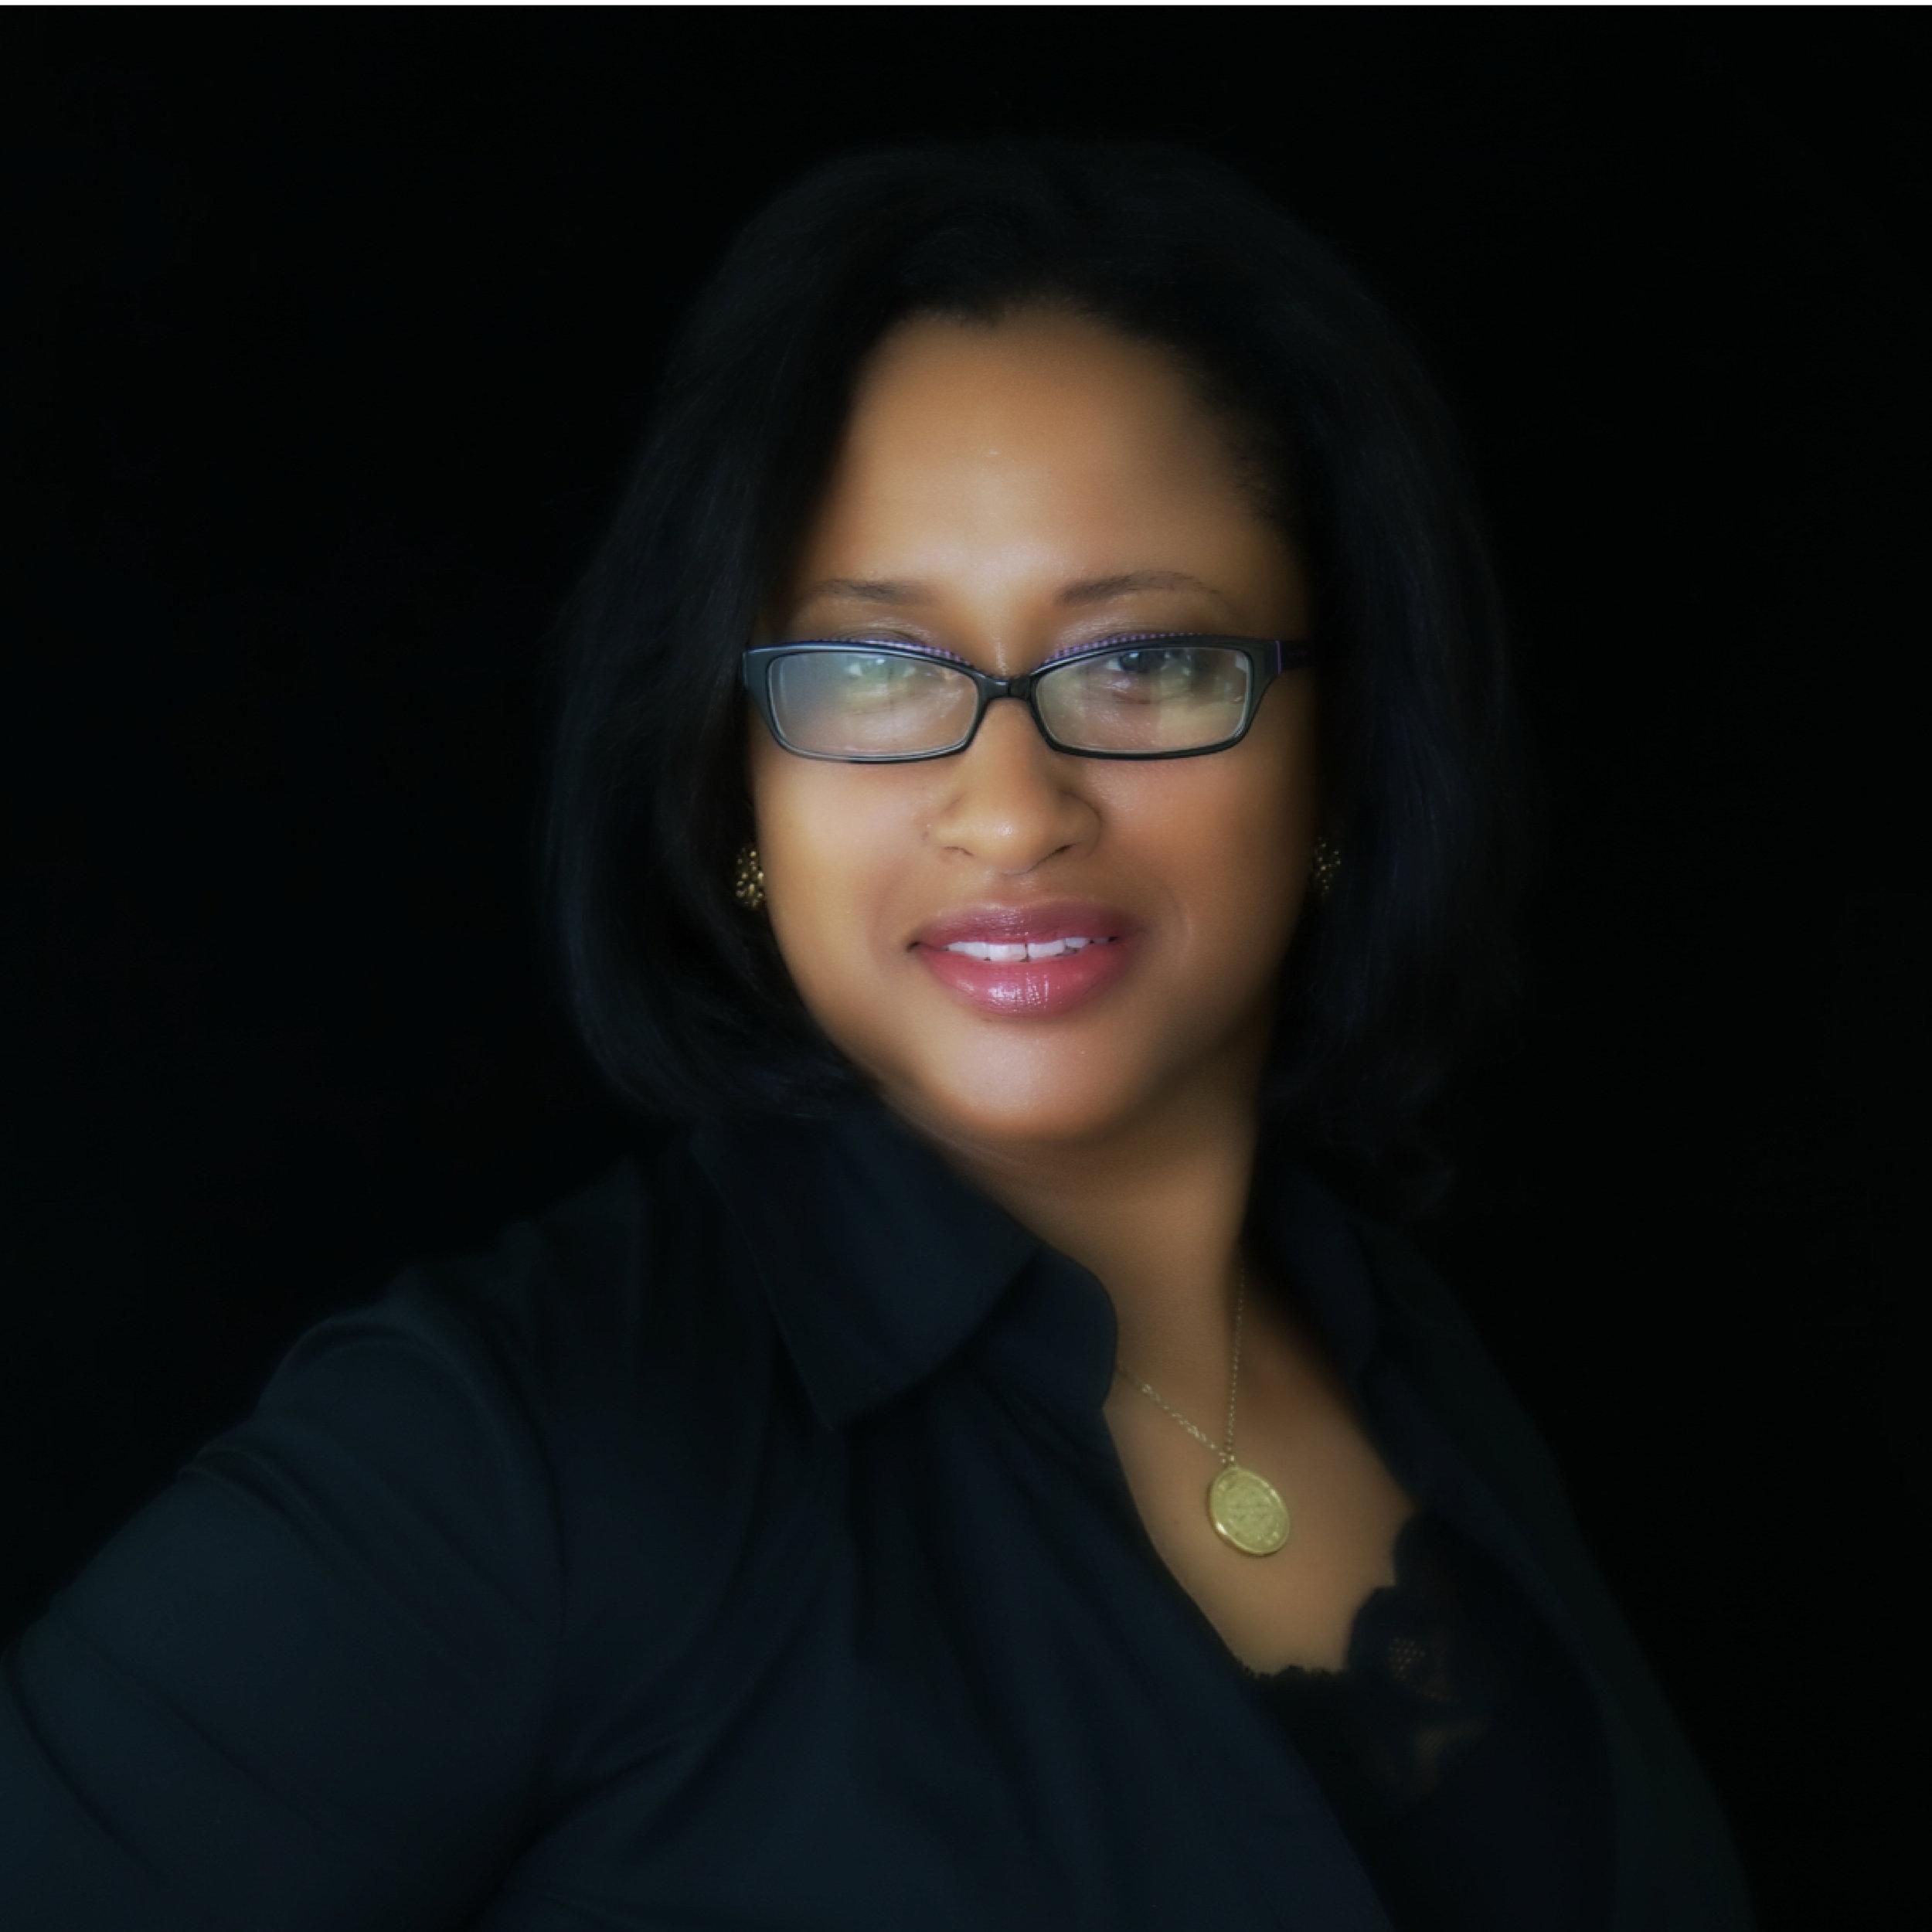 Ms. Jacqueline Stennett (USMA '90), Vice President, AcademyWomen